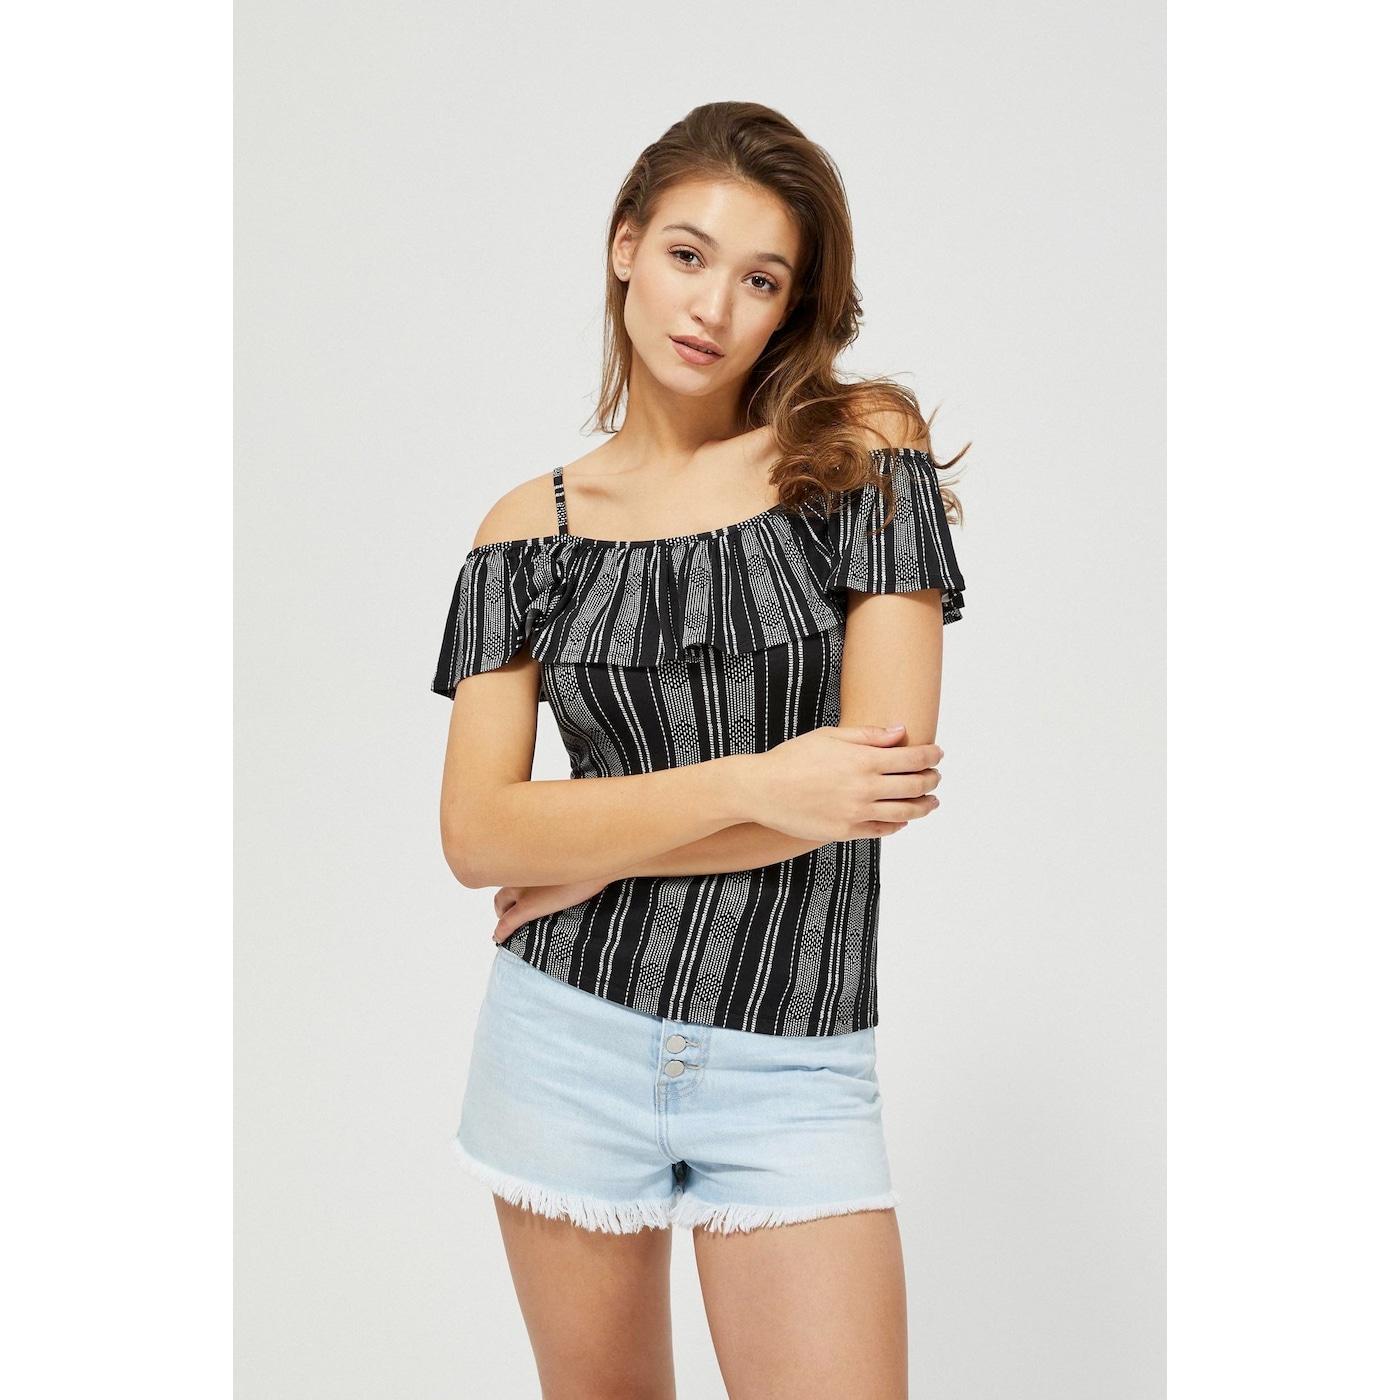 Spanish blouse - black dámské Other M